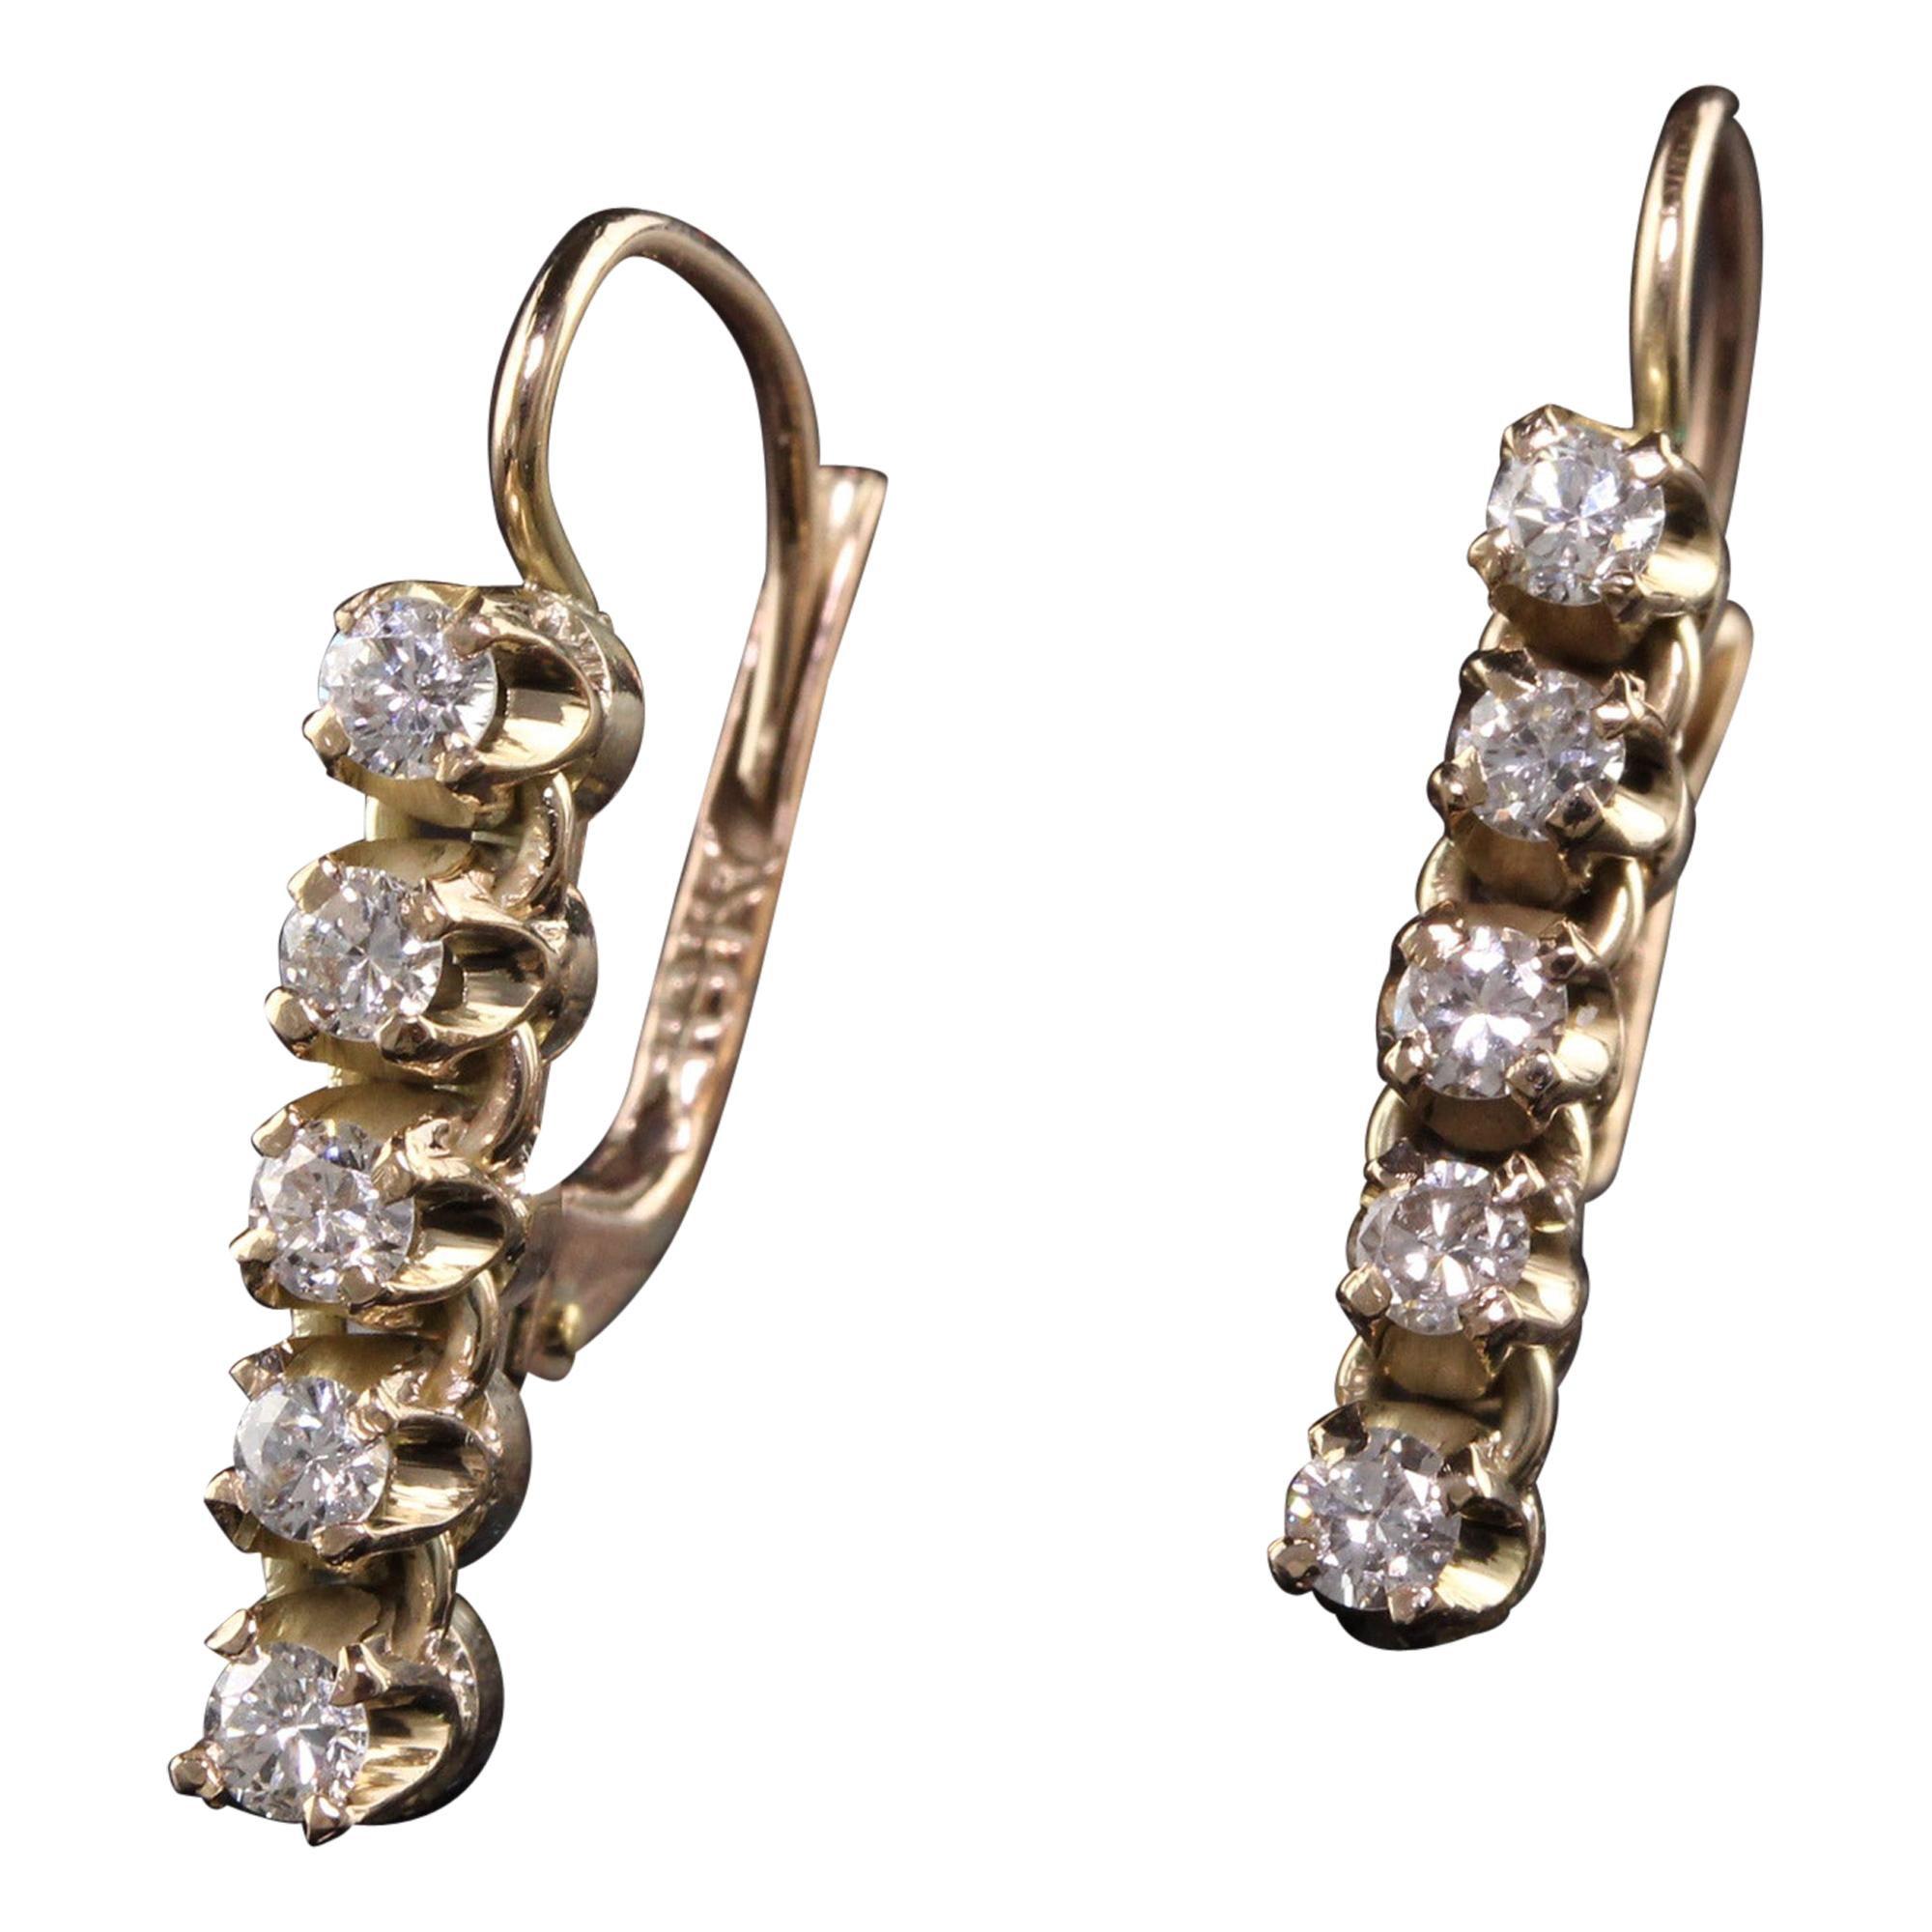 Vintage 14k Yellow Gold Diamond Drop Earrings